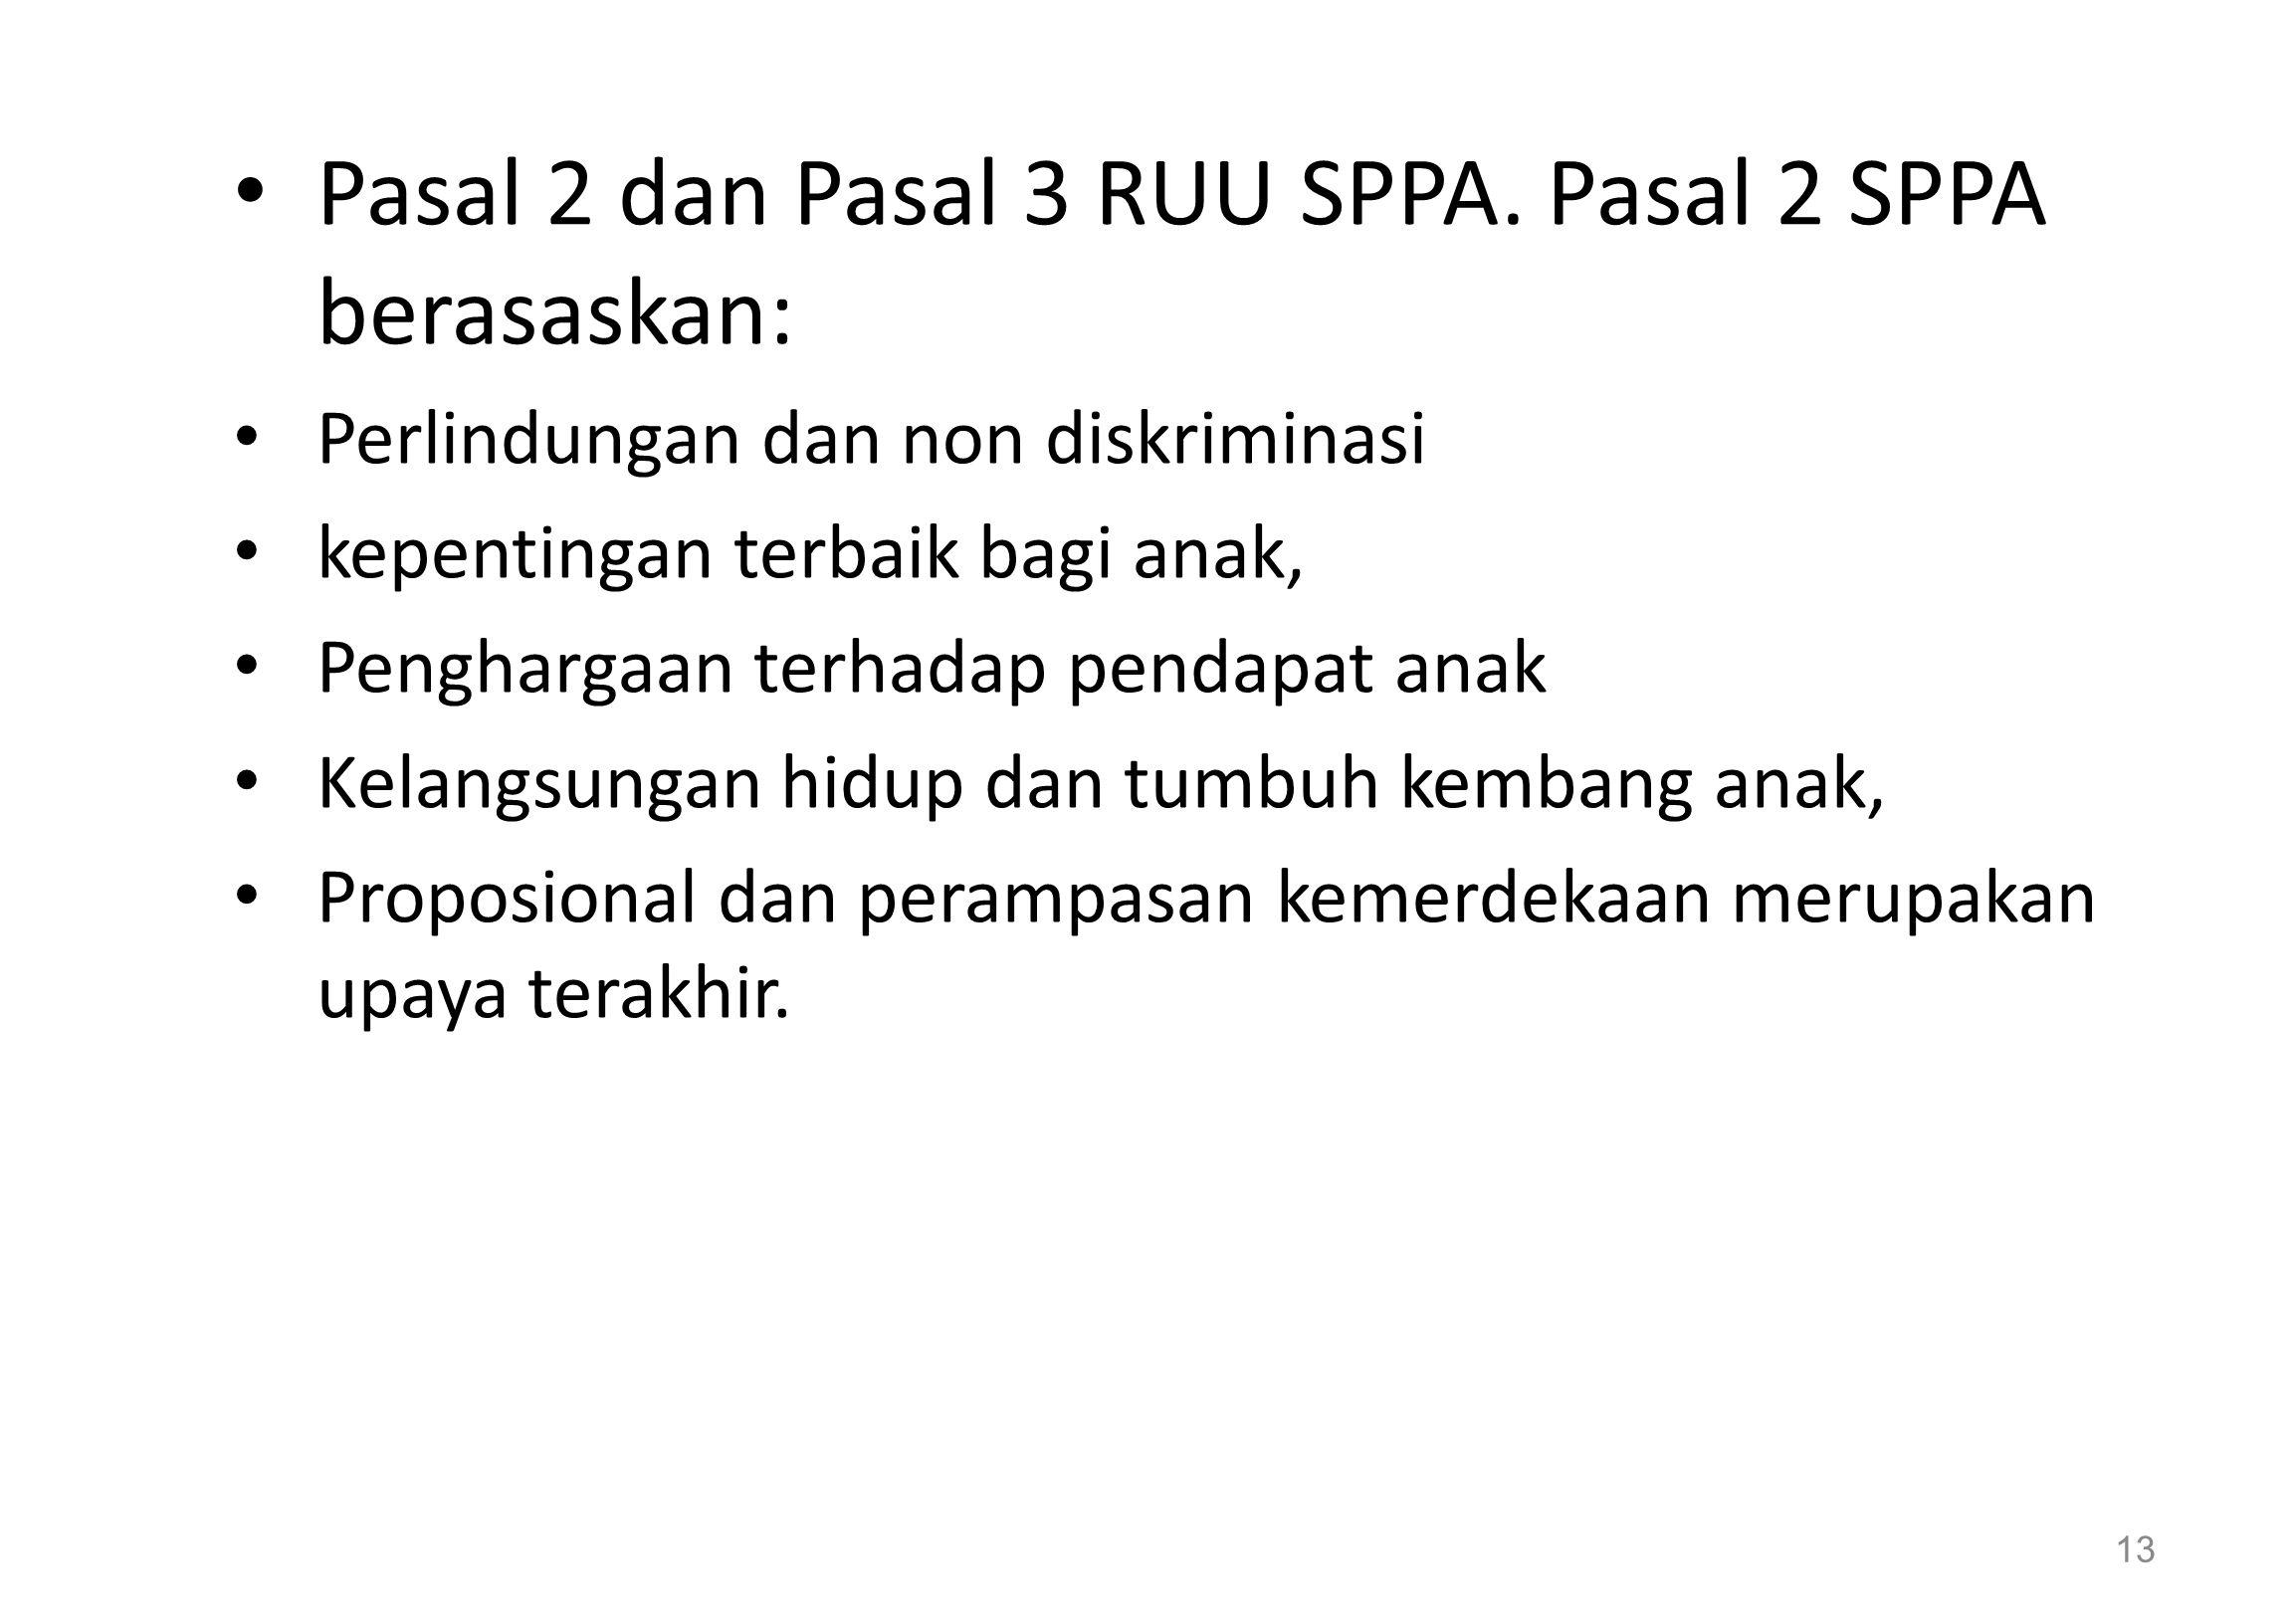 Pasal 2 dan Pasal 3 RUU SPPA.